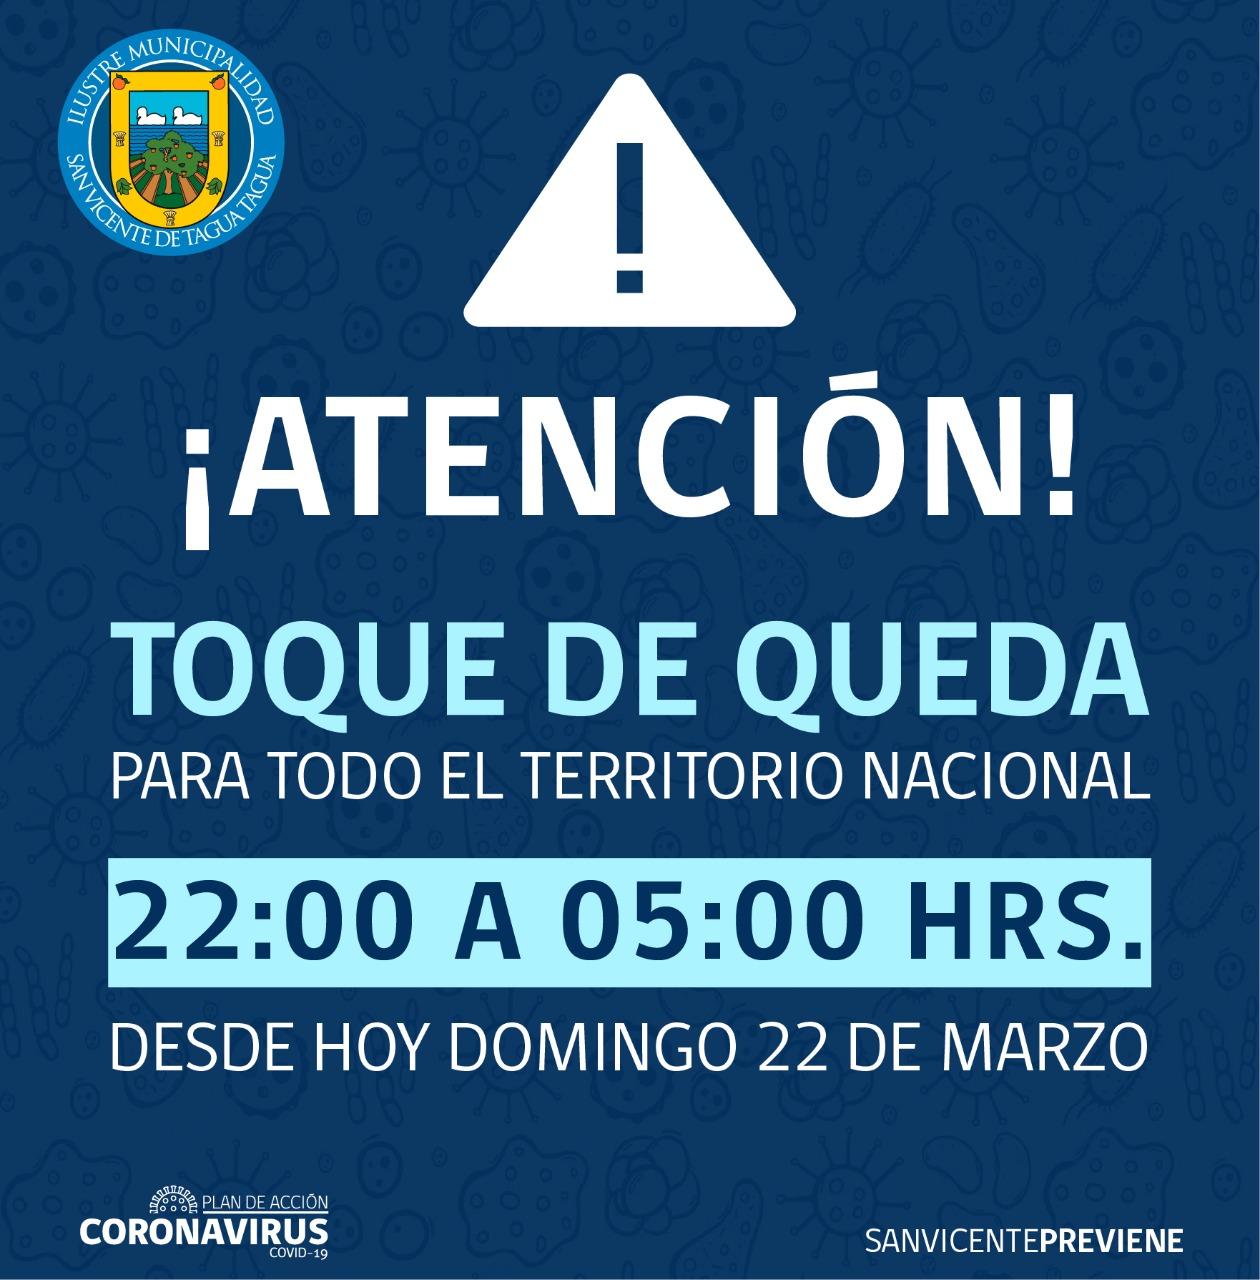 TOQUE DE QUEDA EN TODO EL TERRITORIO NACIONAL POR CORONAVIRUS COVID-19